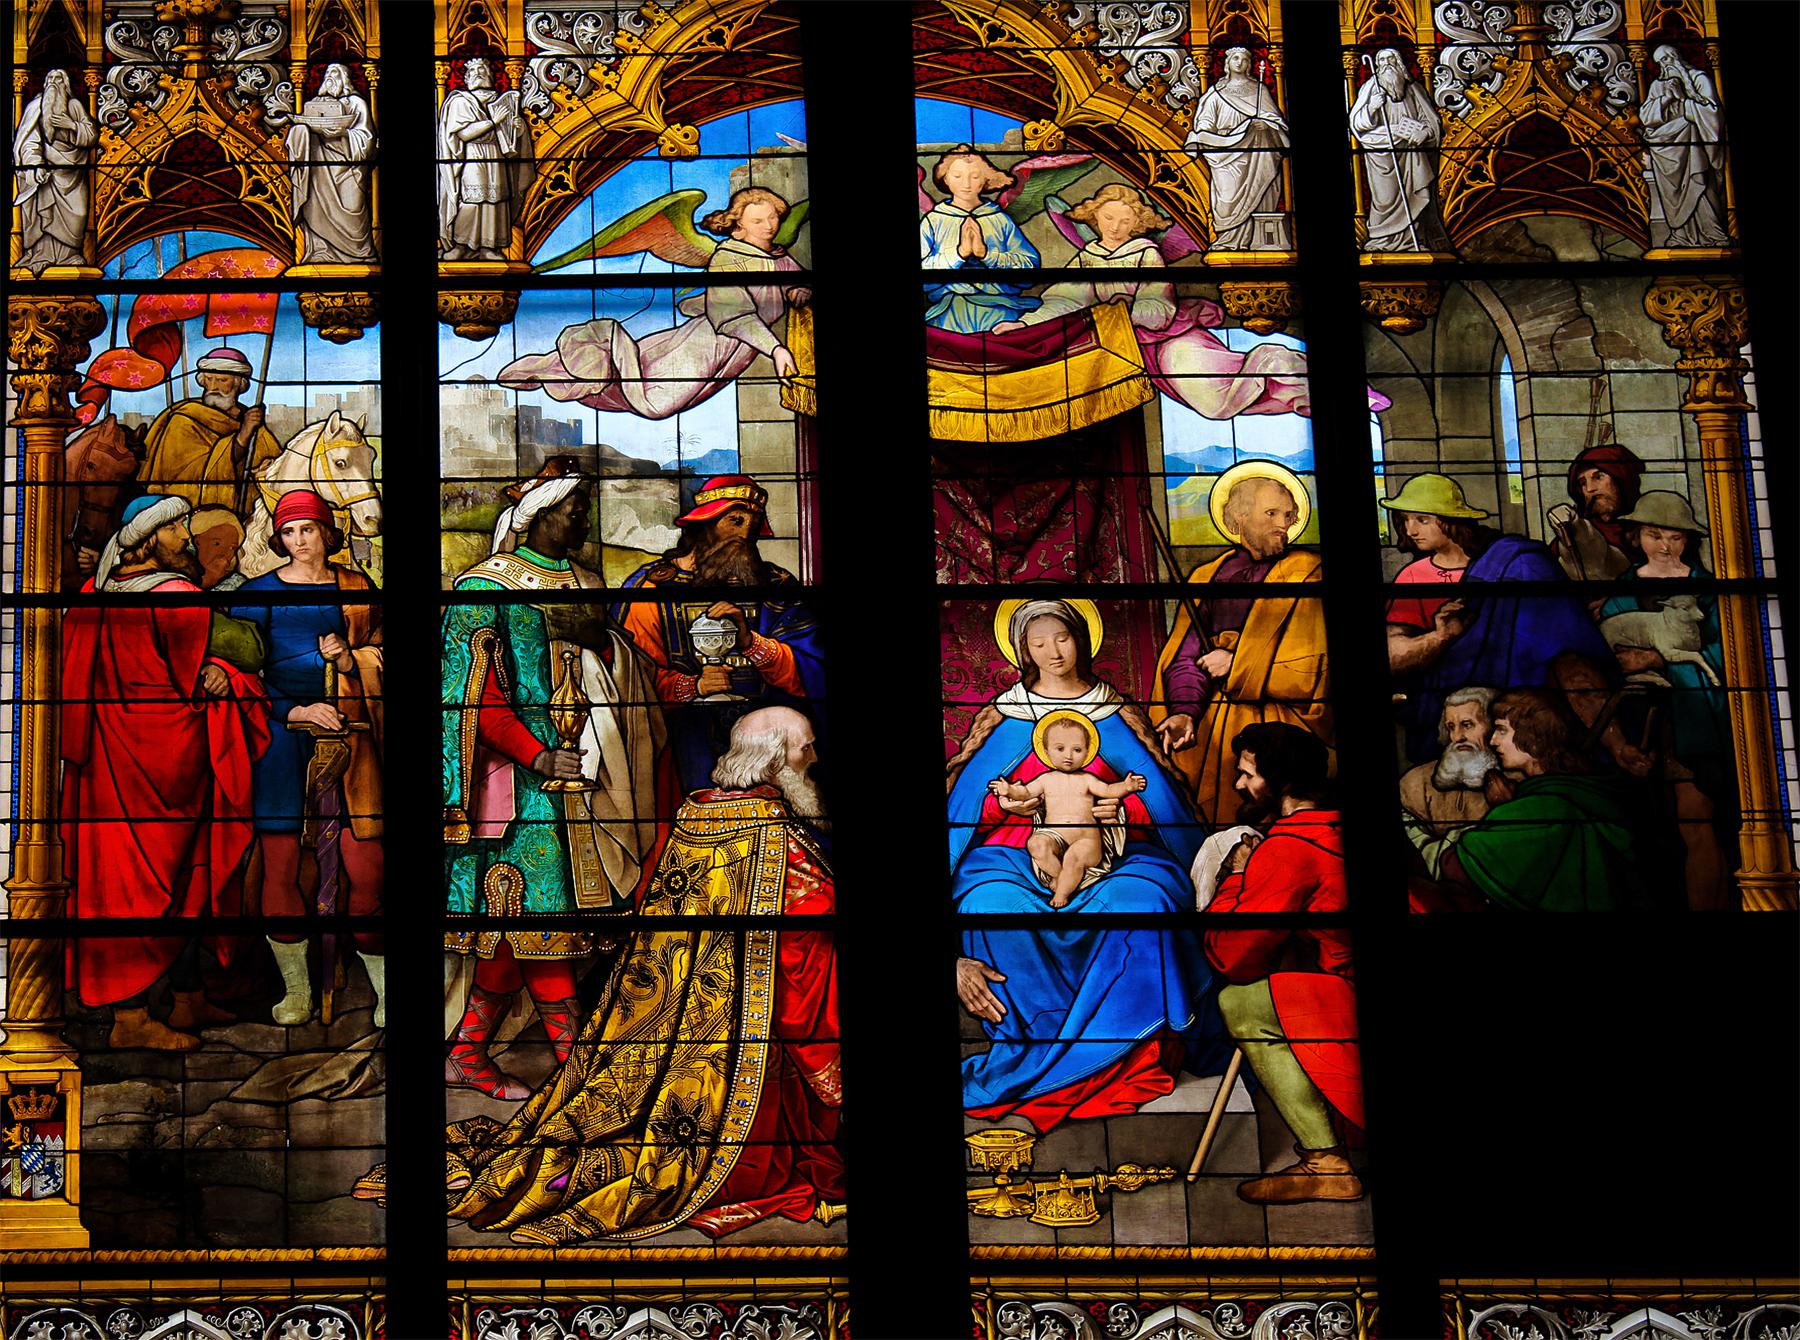 Conoce la Catedral de los alemanes y visita las reliquias de los Reyes Magos - Austria Circuito Austria Bella y Budapest